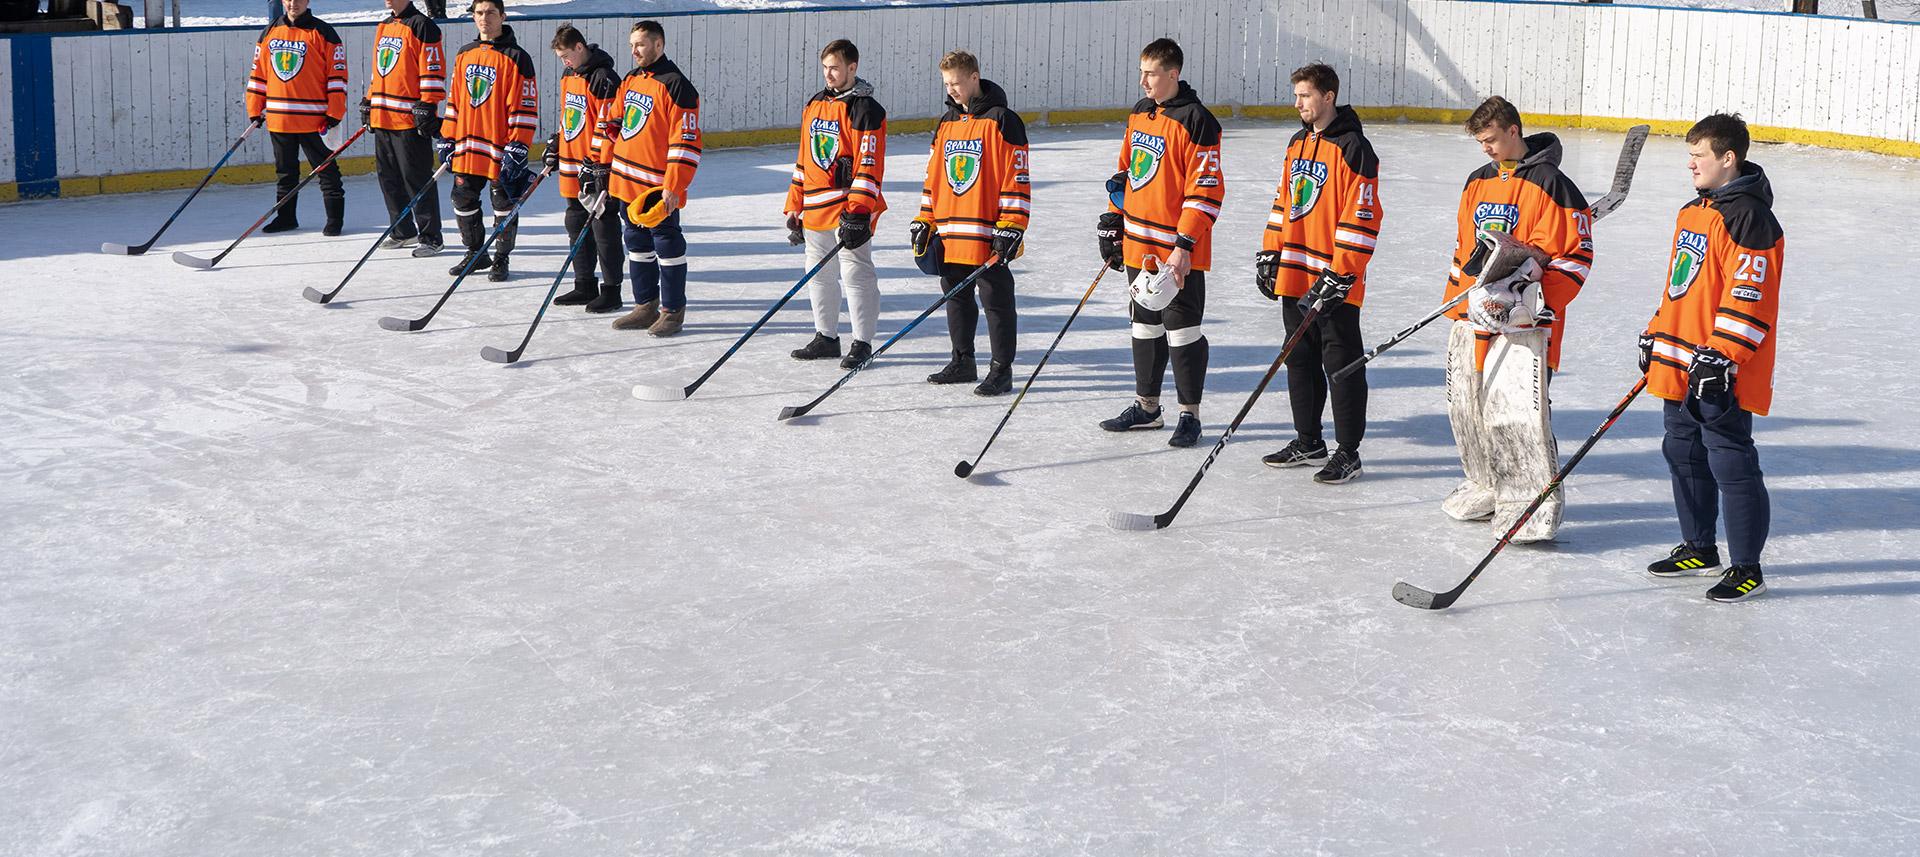 Хоккейный матч на открытом льду